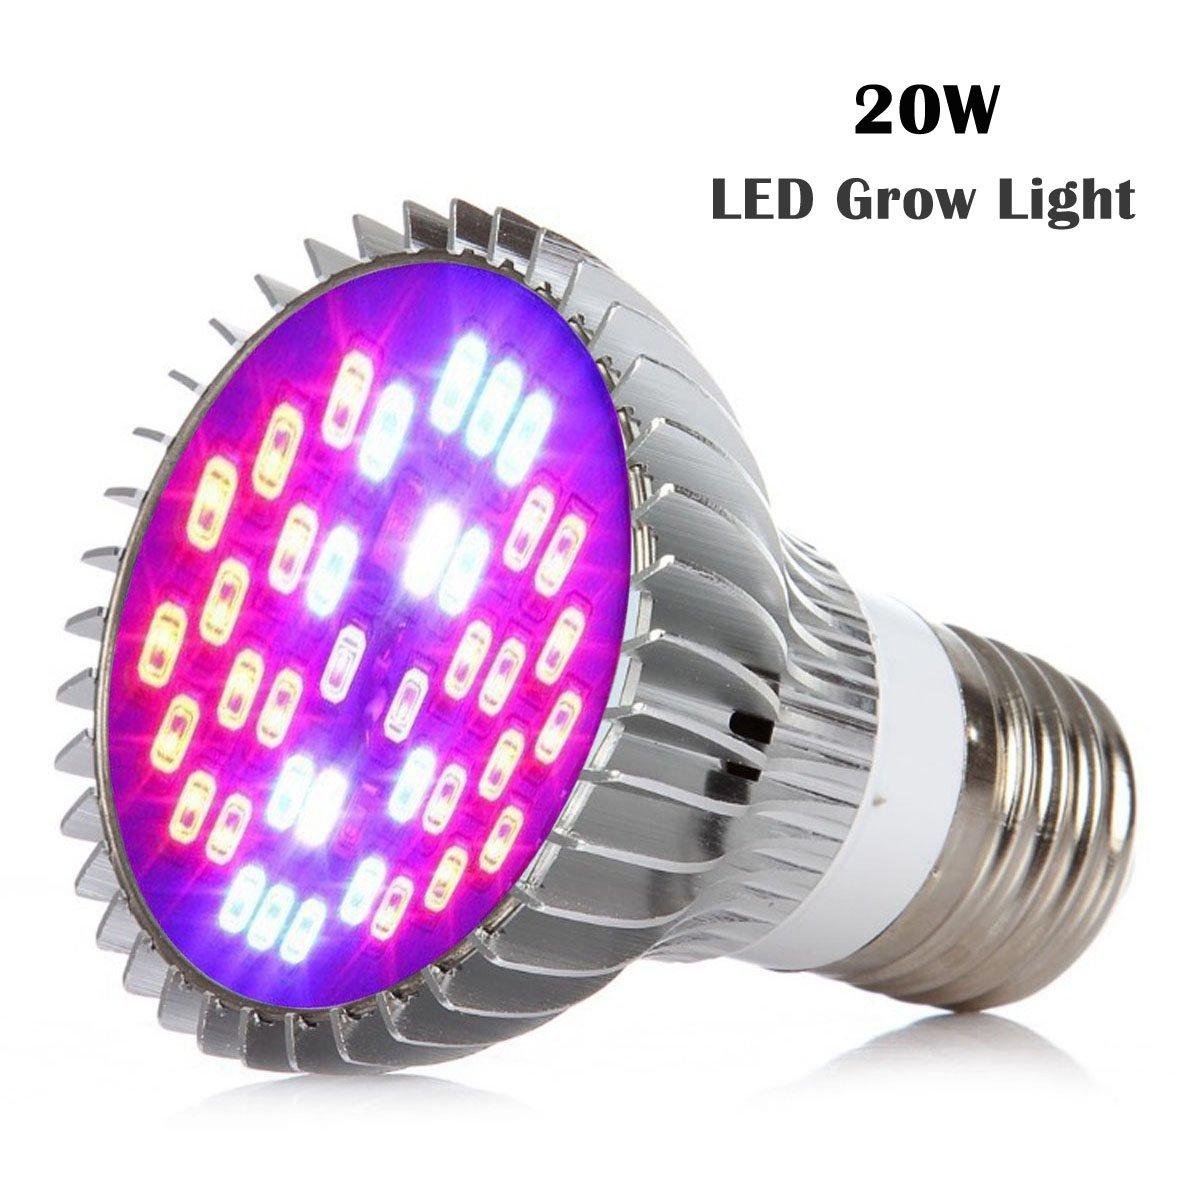 Sumchimamzuk Vollspektrum Pflanzenlampe LED Wachstumslampe mit 20W 40 LEDs Pflanzenleuchte Pflanzenlicht kompatibel mit Standard E26 / E27 Buchsen [Energieklasse A]